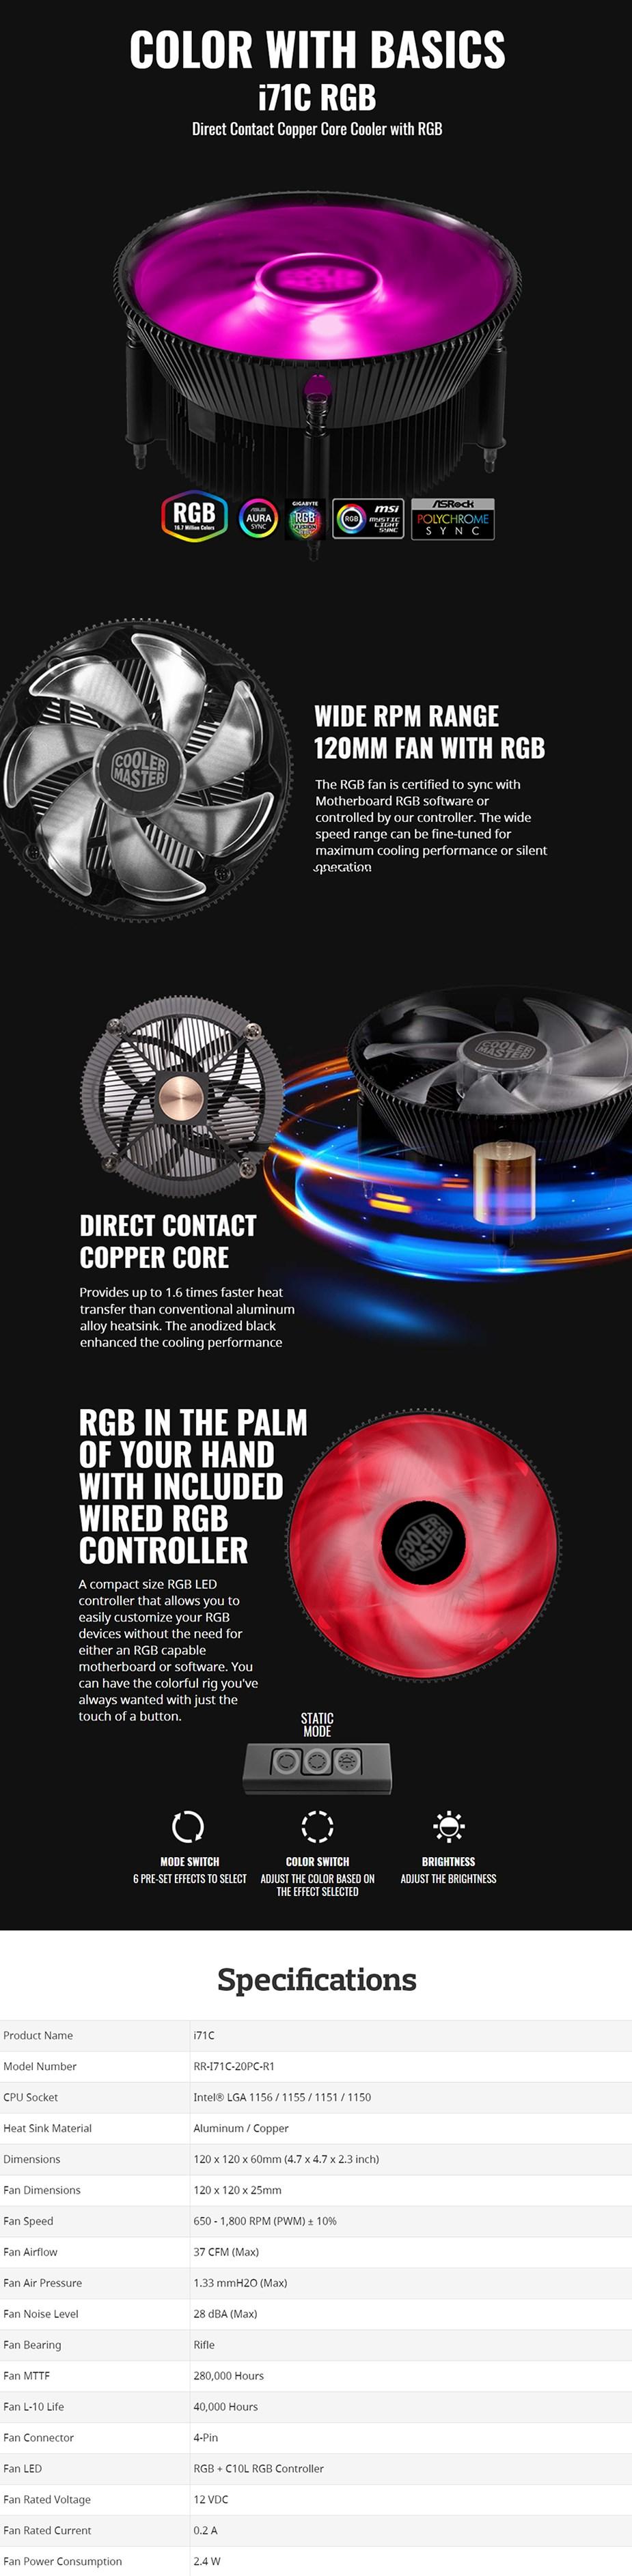 Cooler Master i71C RGB Intel CPU Cooler - Desktop Overview 1